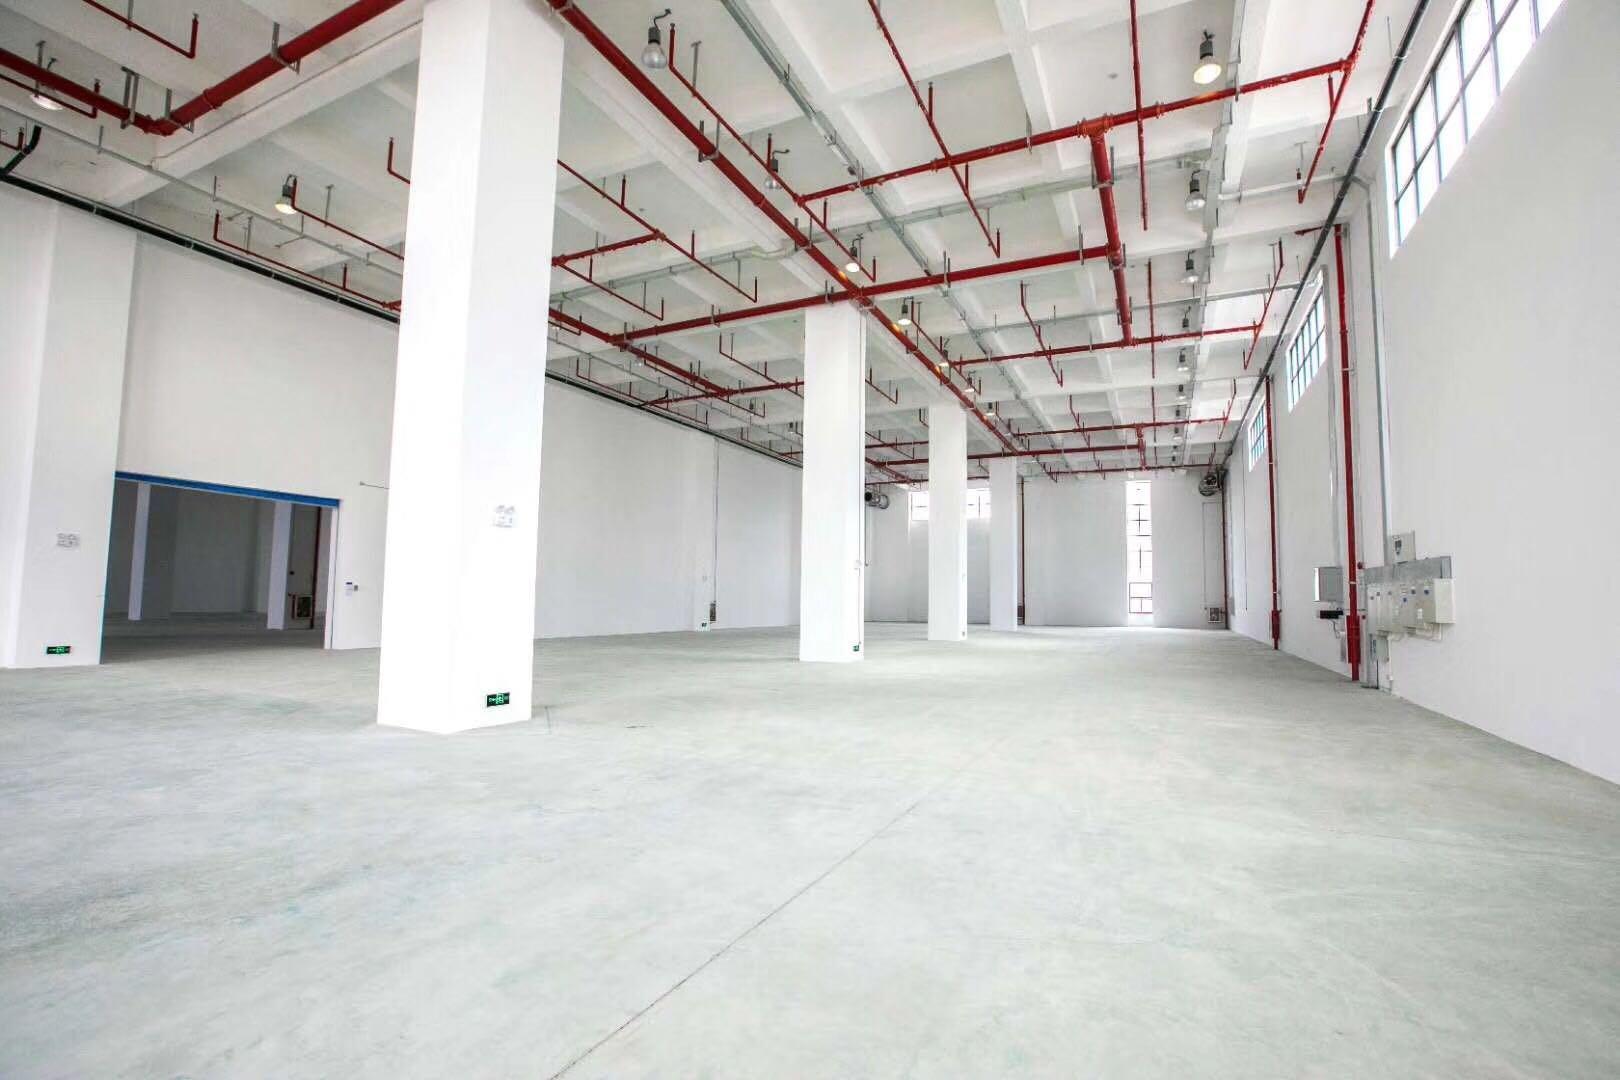 广州花都,大型物流园,含各式各样仓库,按需求搭配,形象非常A